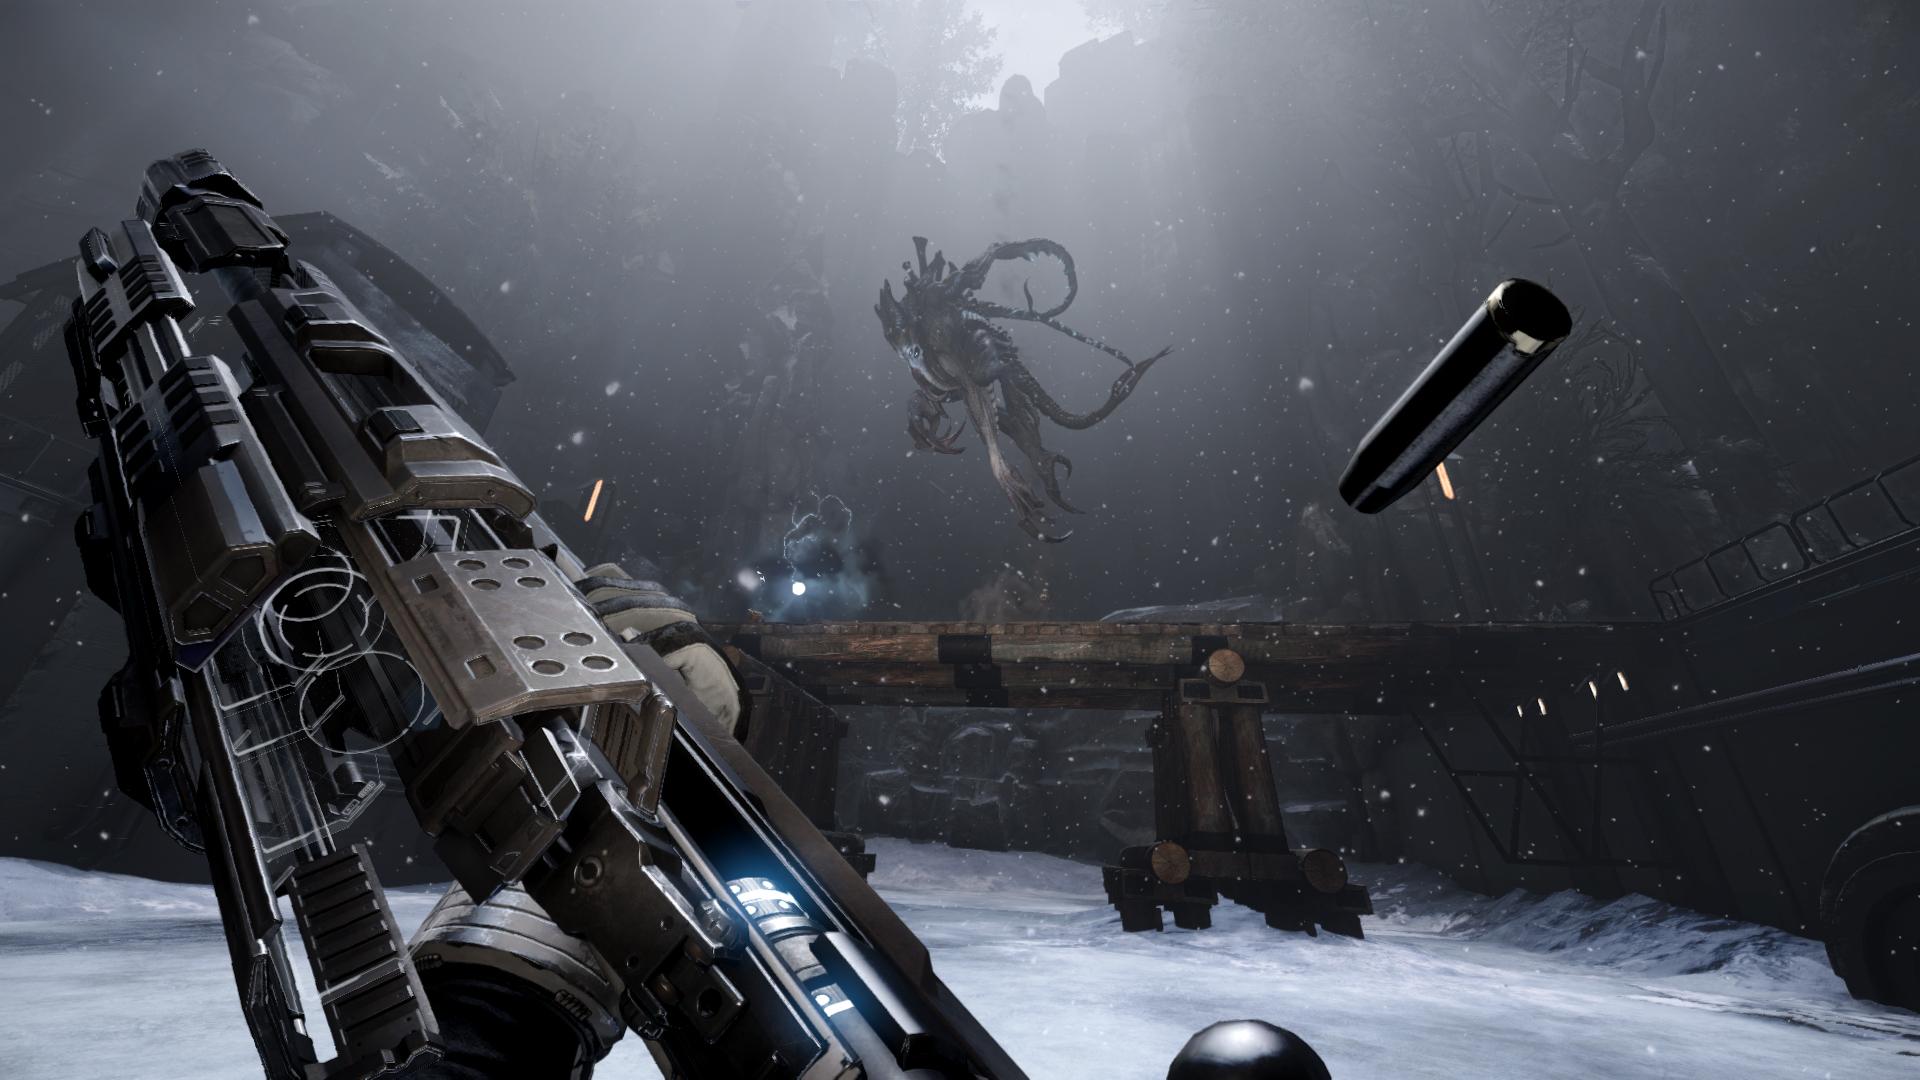 Gamescom 2014-Evolve-val-v-kraken